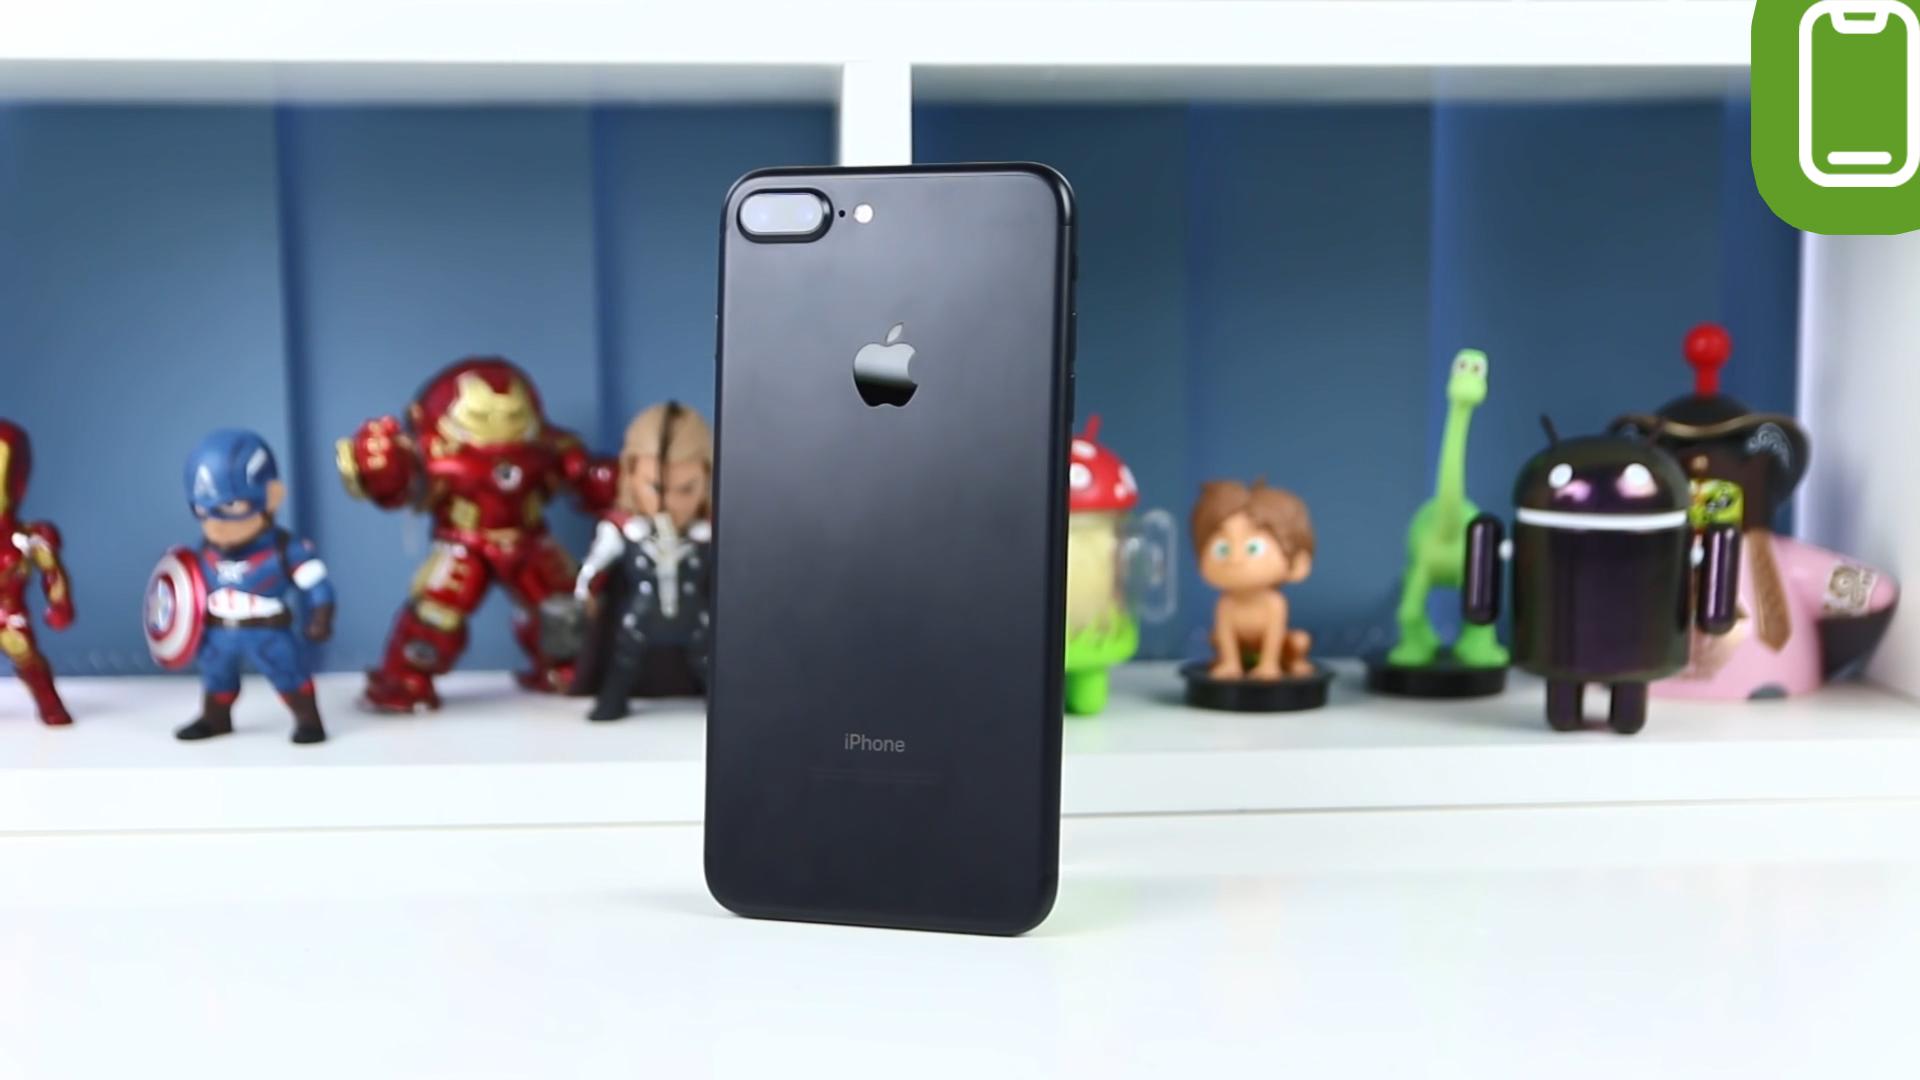 Đánh giá chi tiết iPhone 7 Plus - Ảnh 2